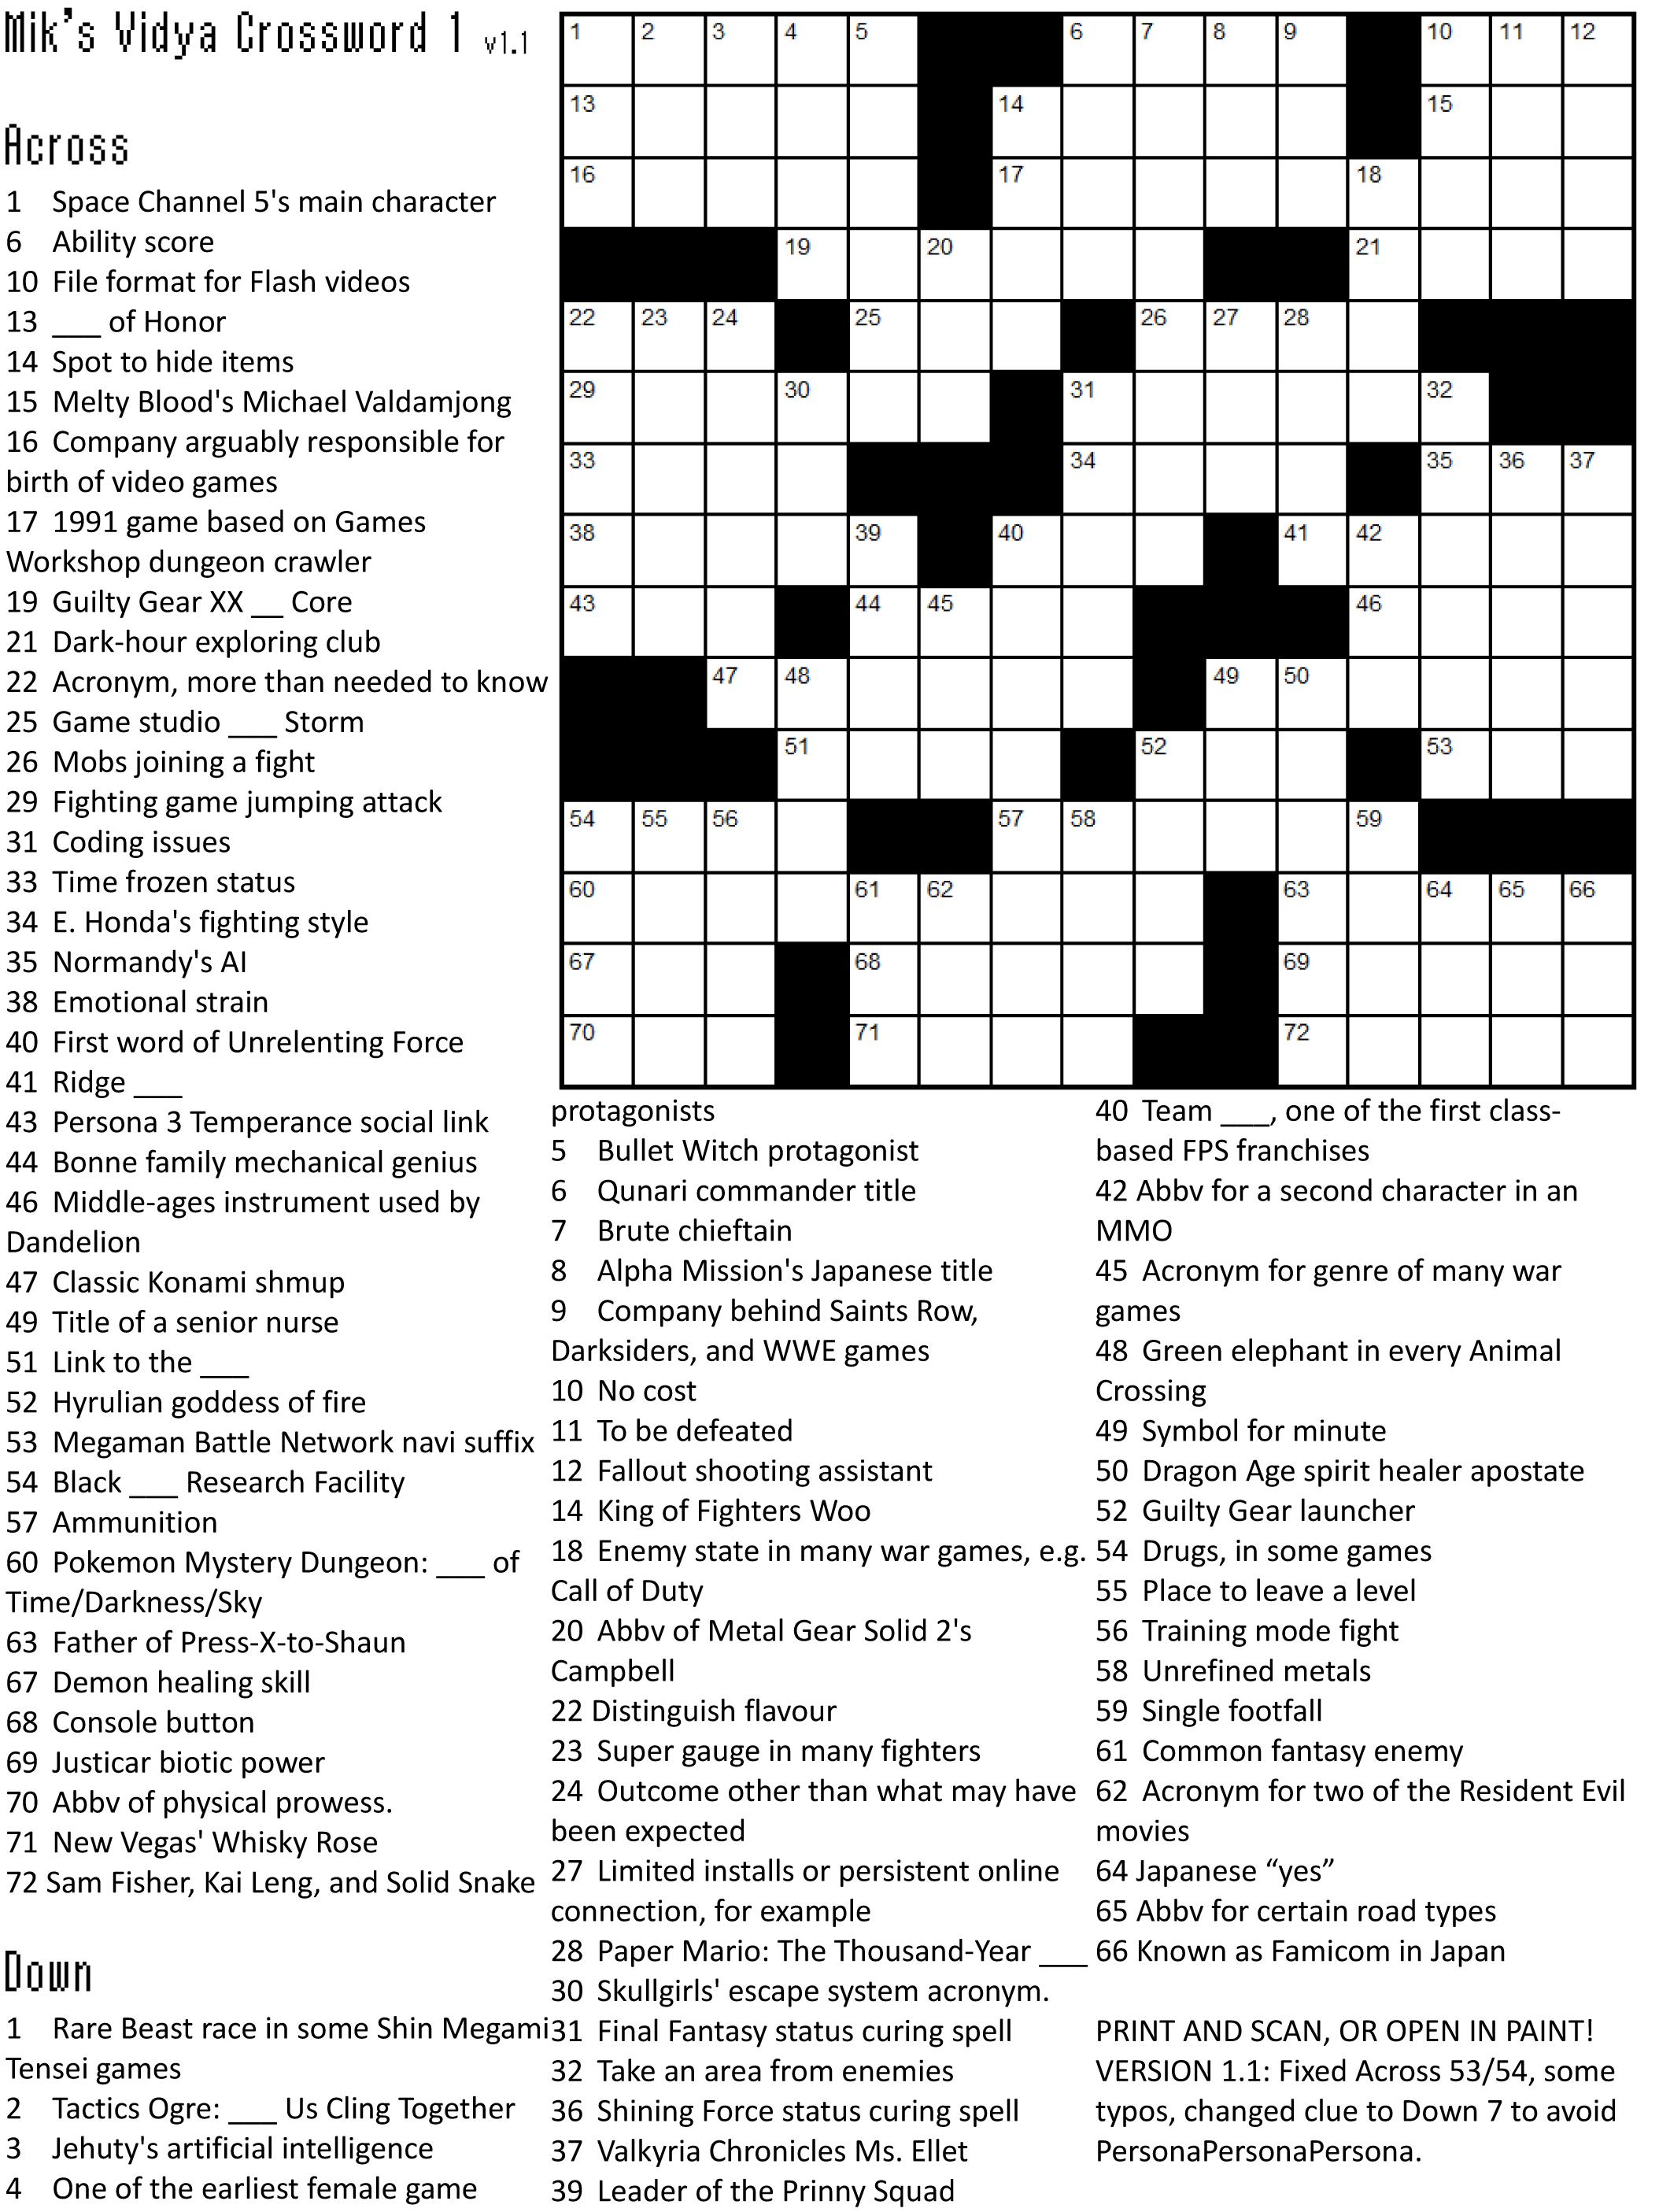 Printable Crossword Puzzles 1